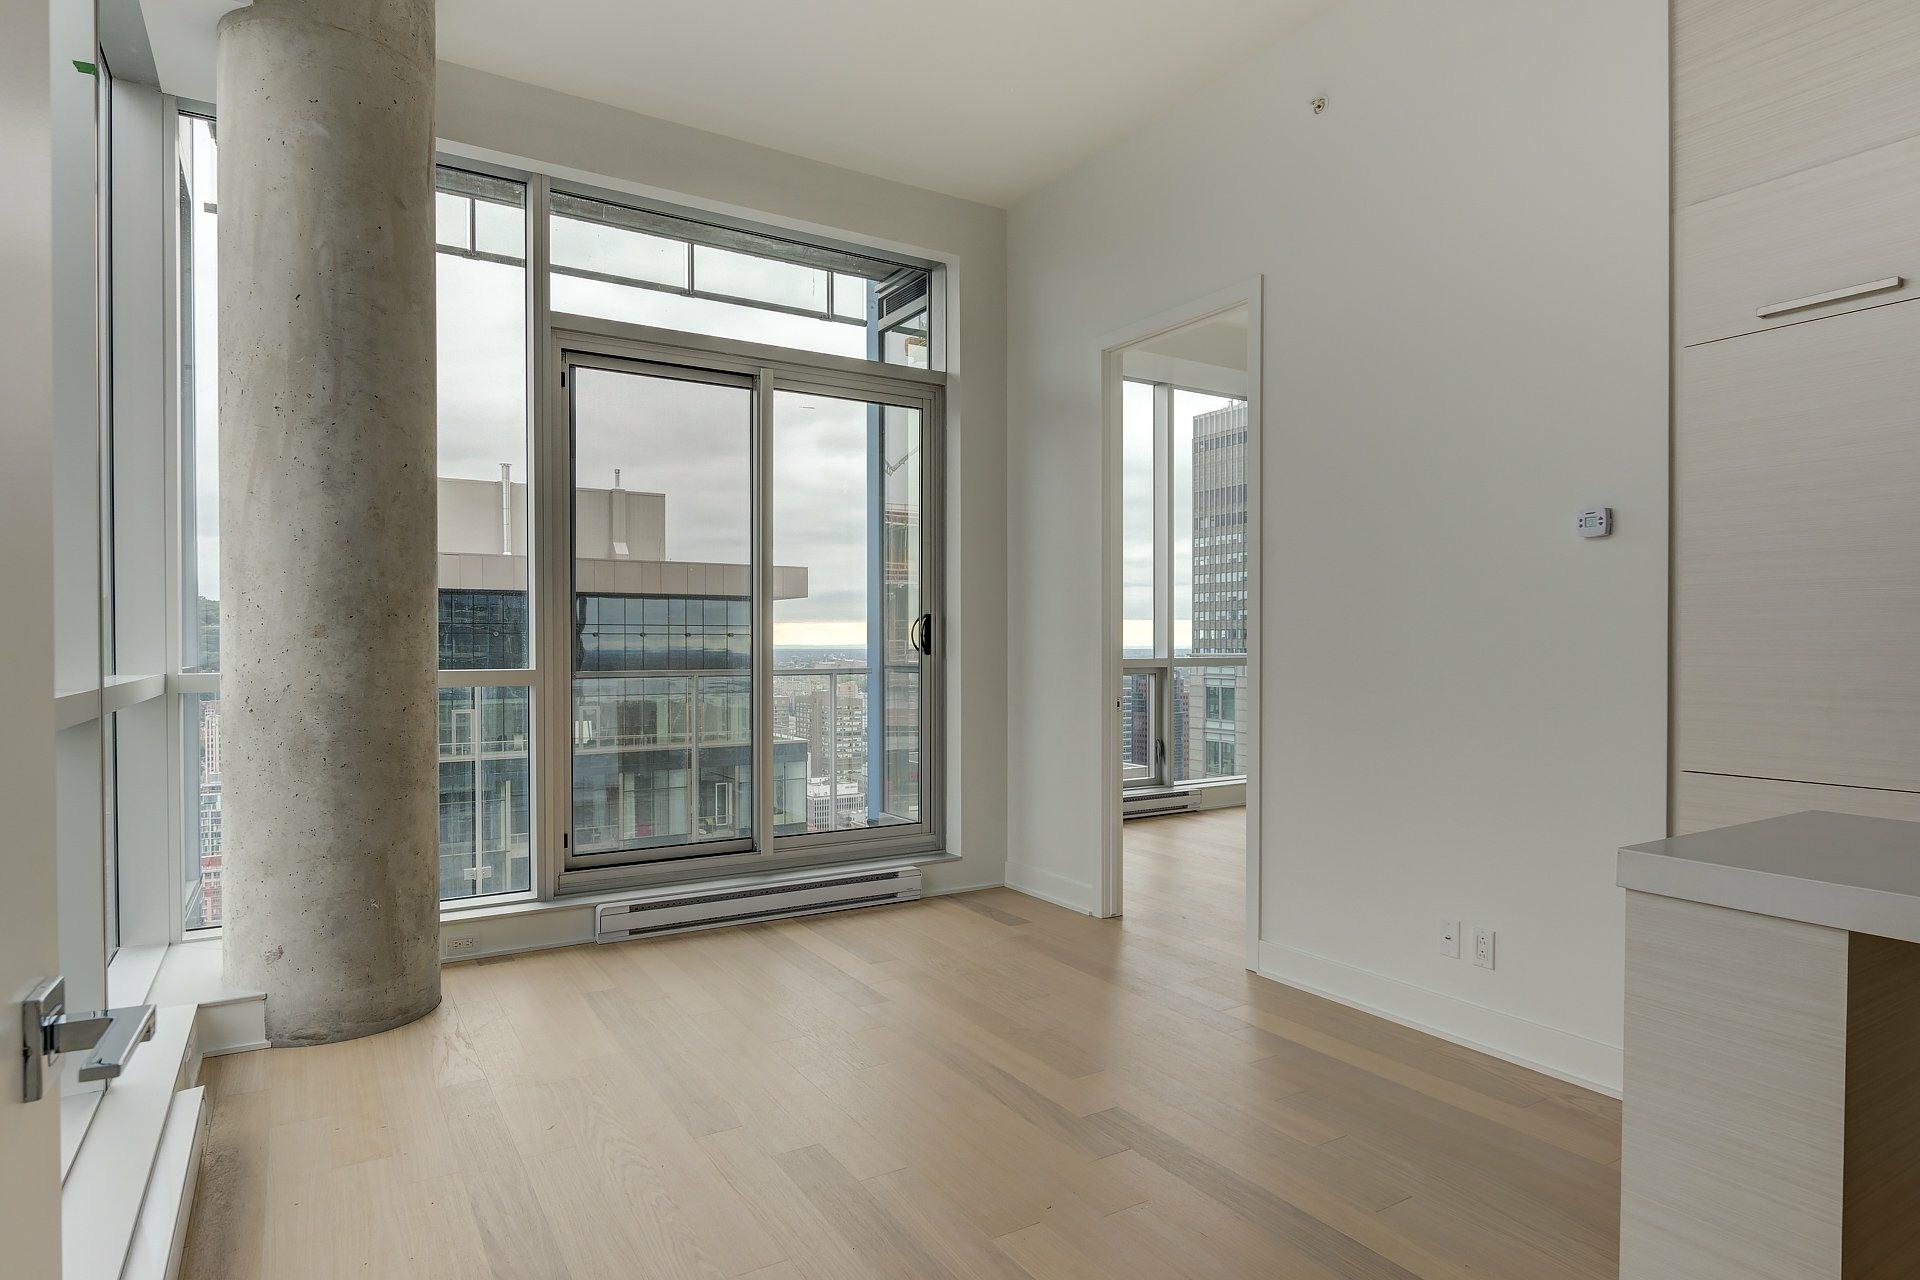 image 1 - Appartement À vendre Montréal Ville-Marie  - 4 pièces